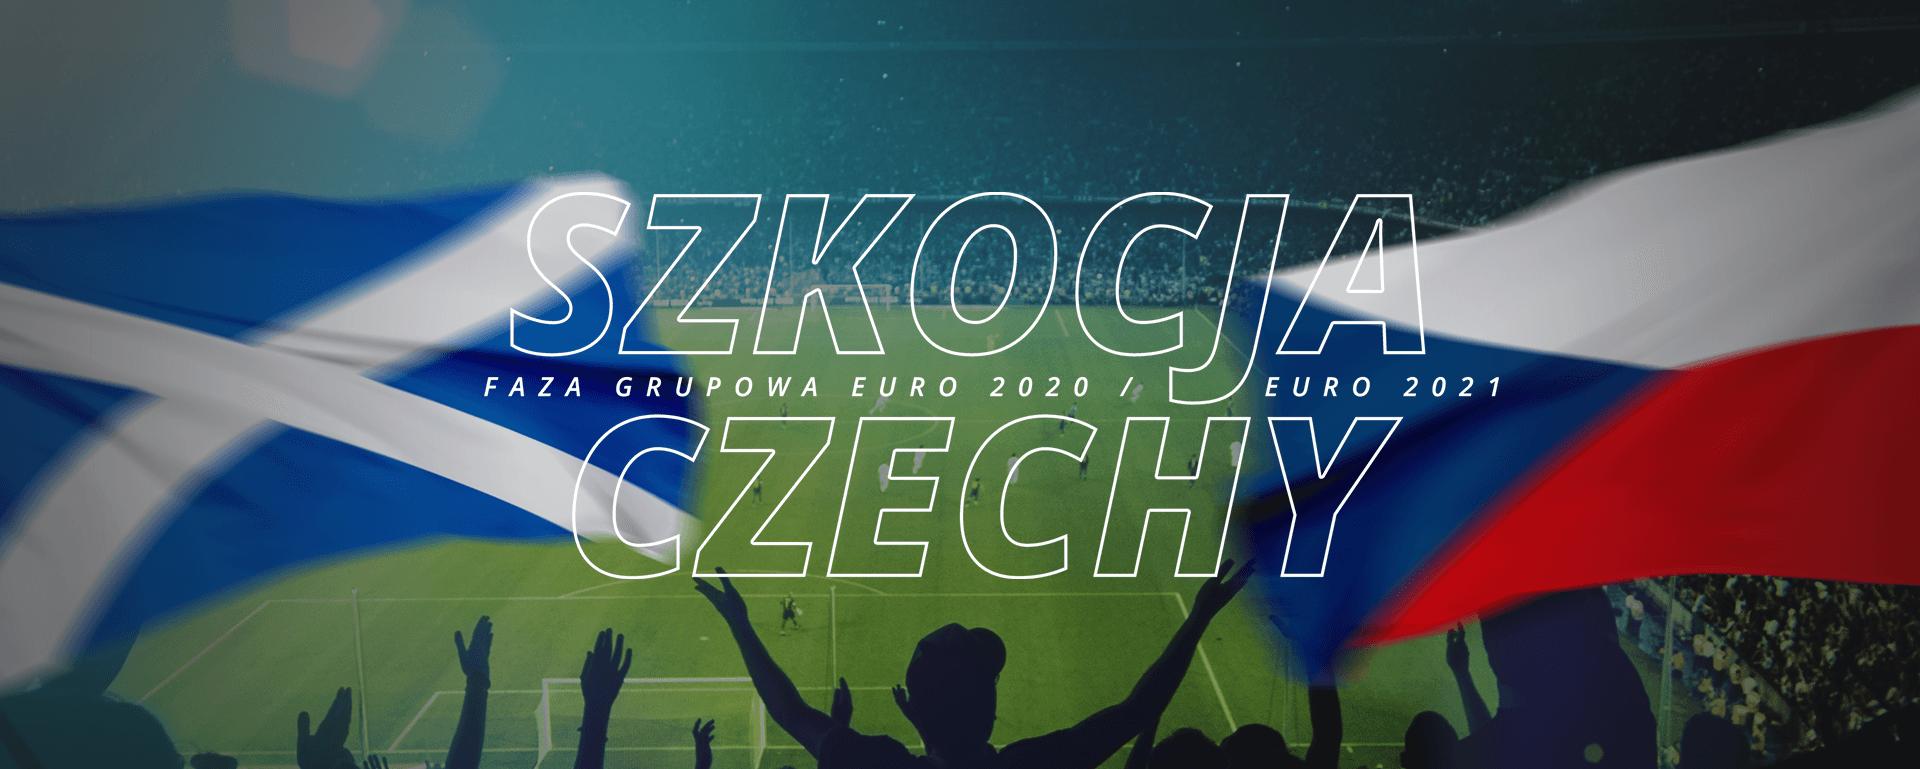 Szkocja – Czechy | faza grupowa Euro 2020 / Euro 2021